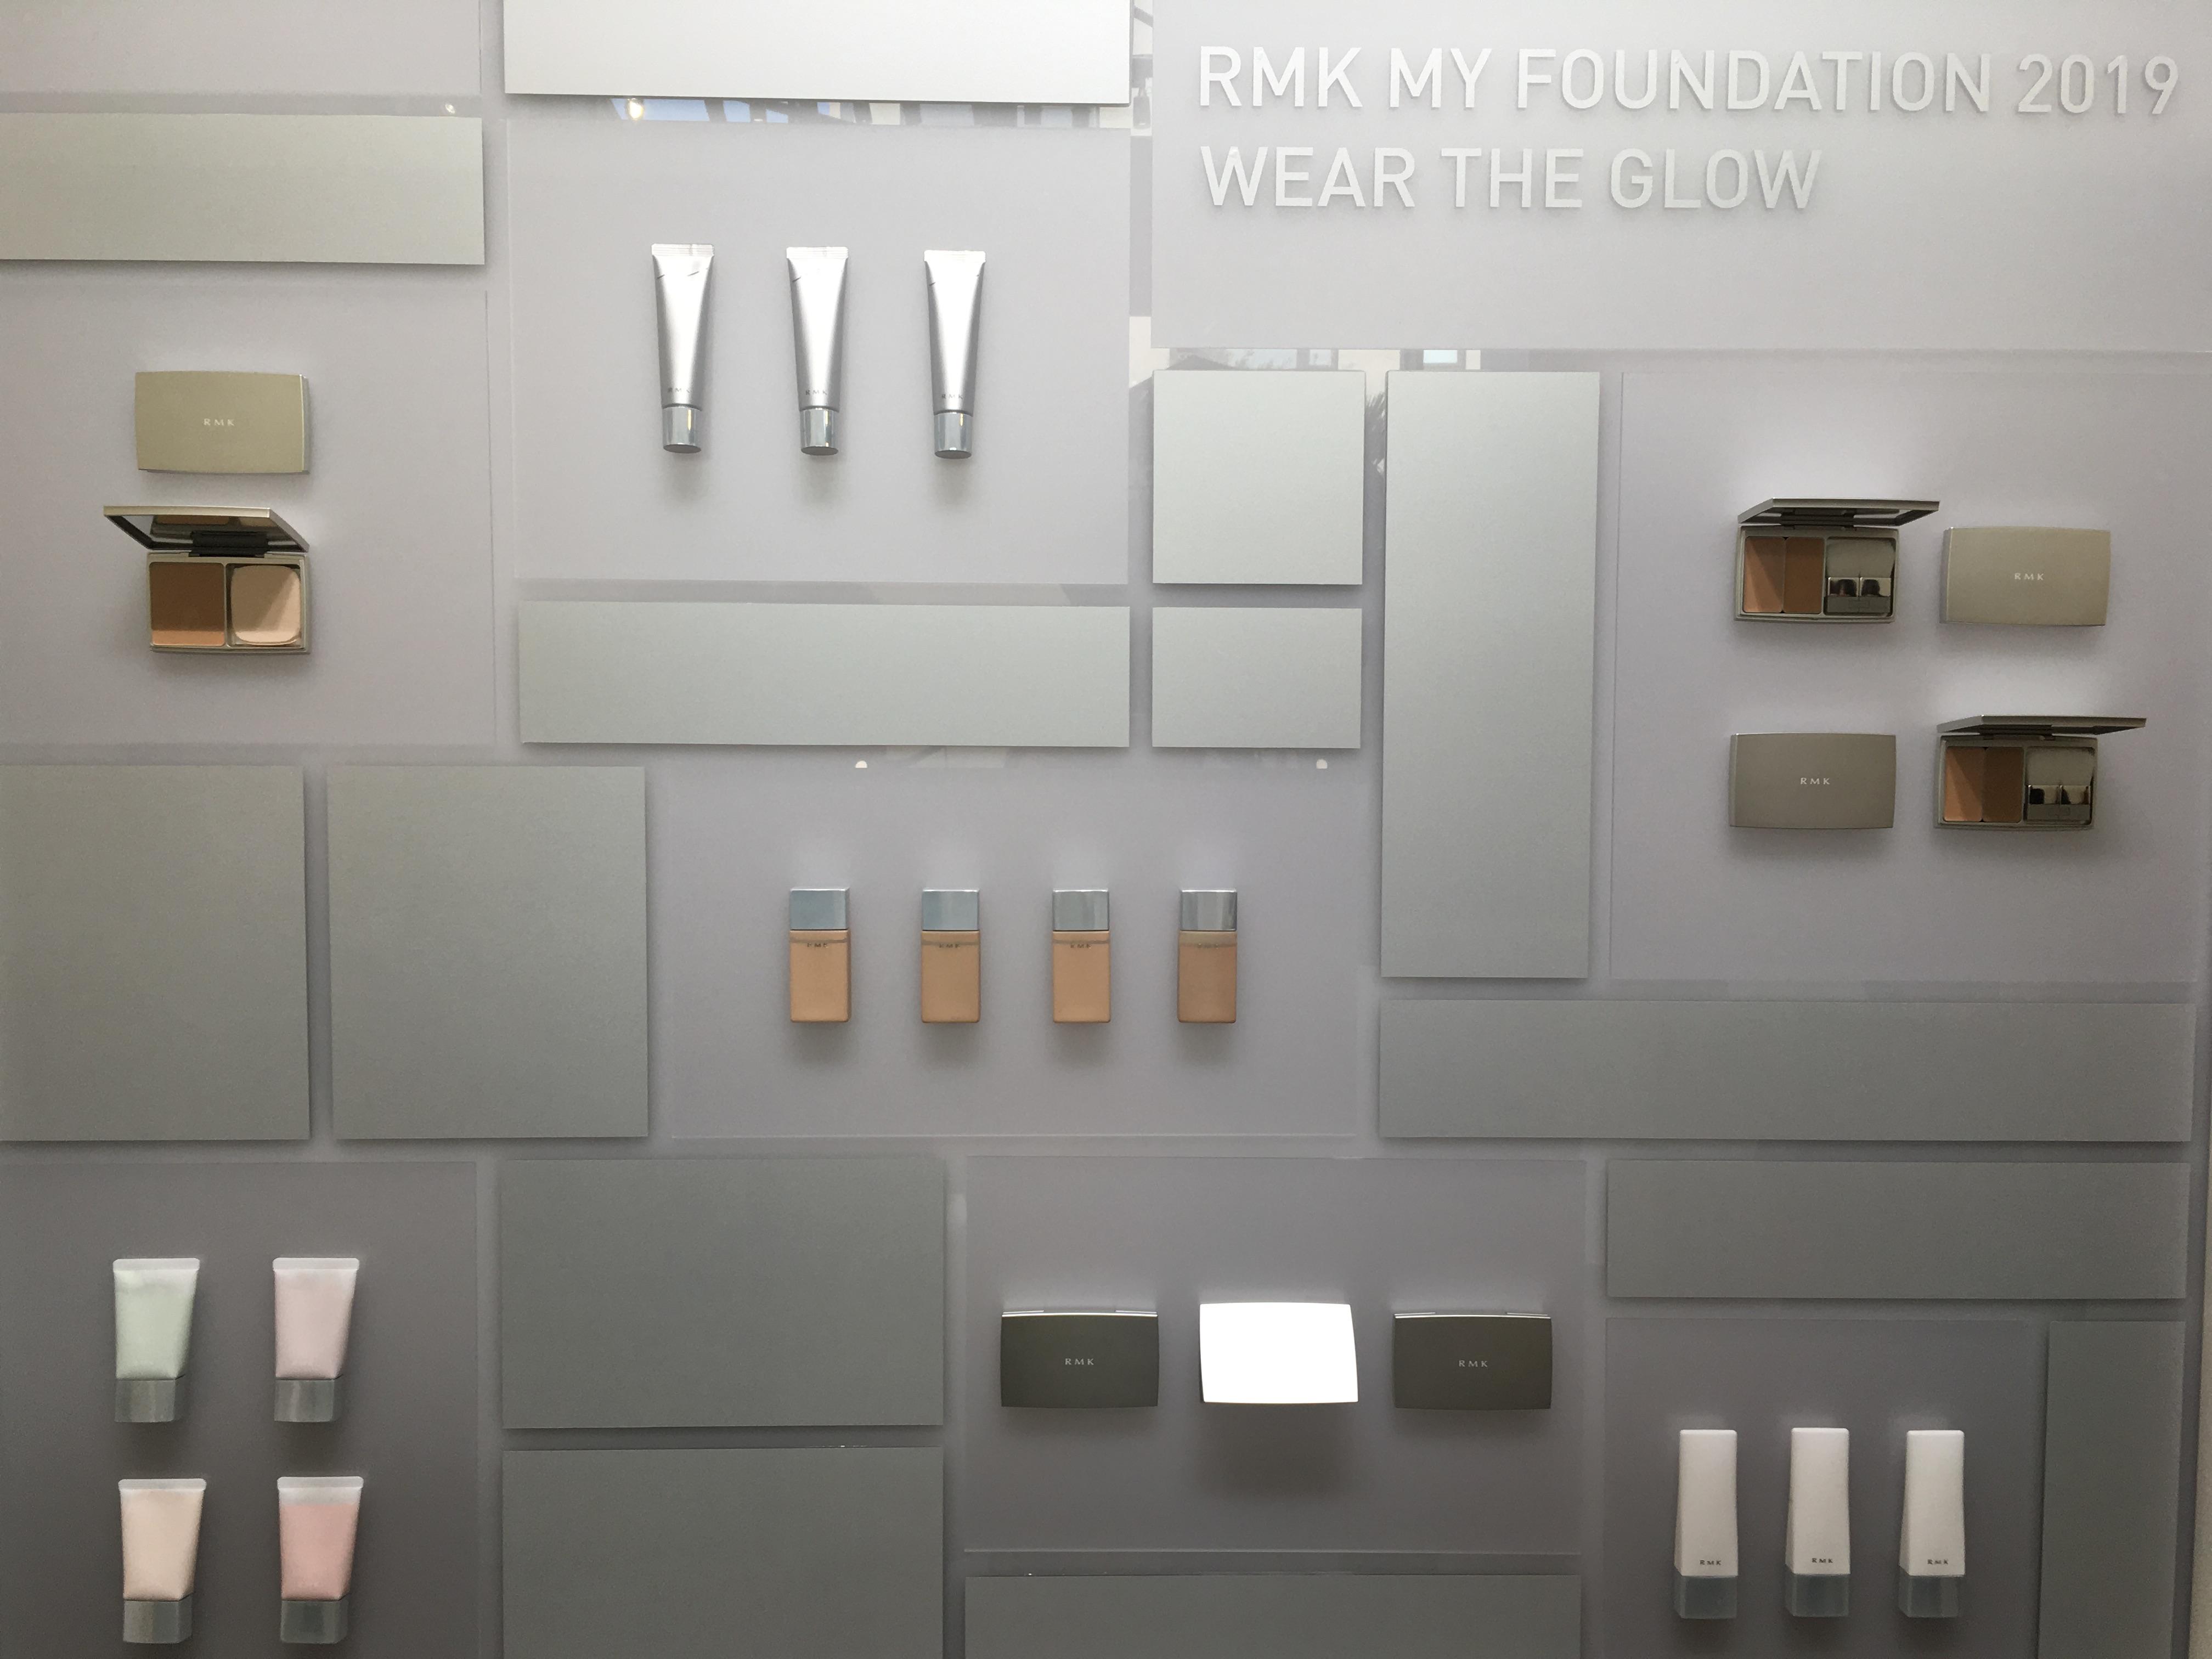 【RMK】ポップアップイベントでプロによるメイク&フォト体験♡_1